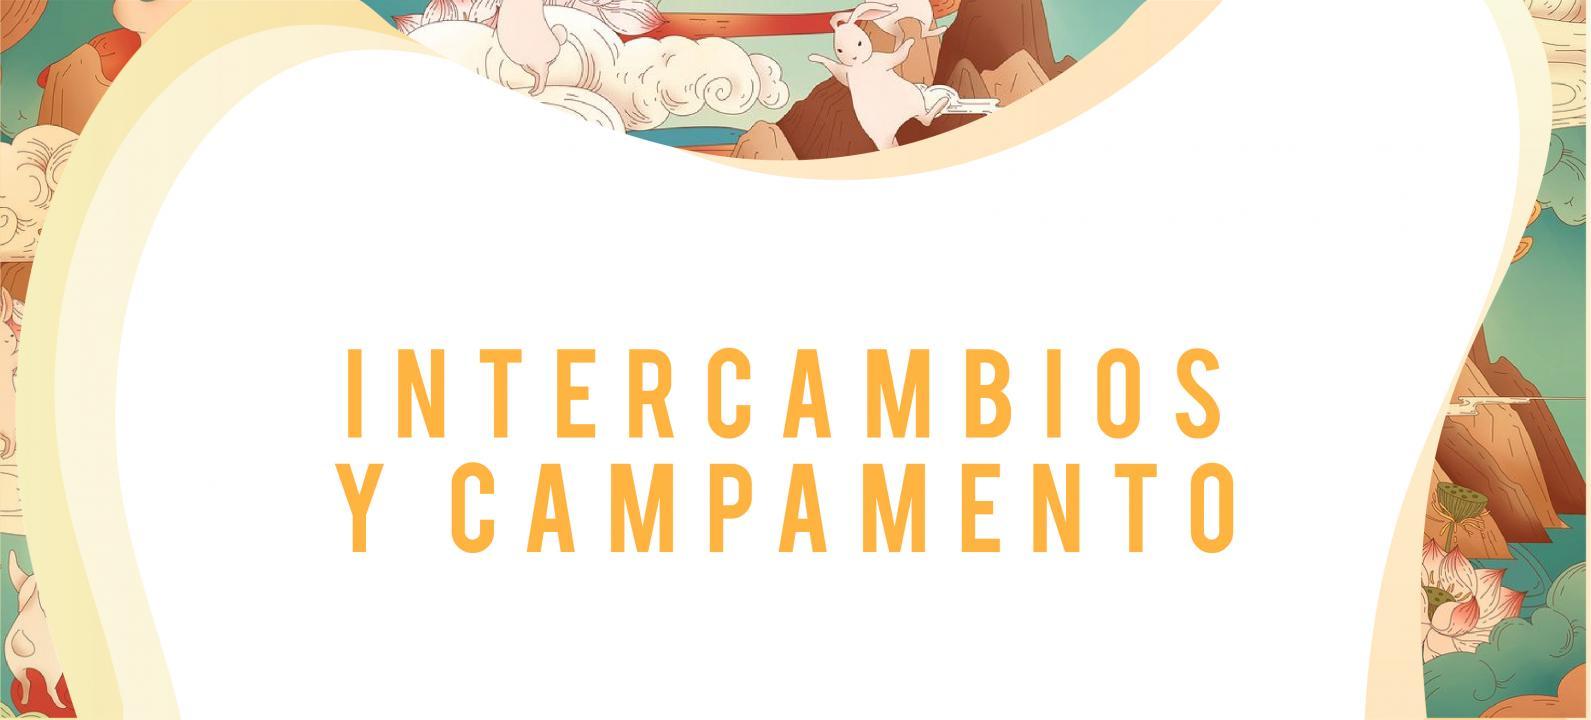 Banner Intercambios y Campamento Desktop